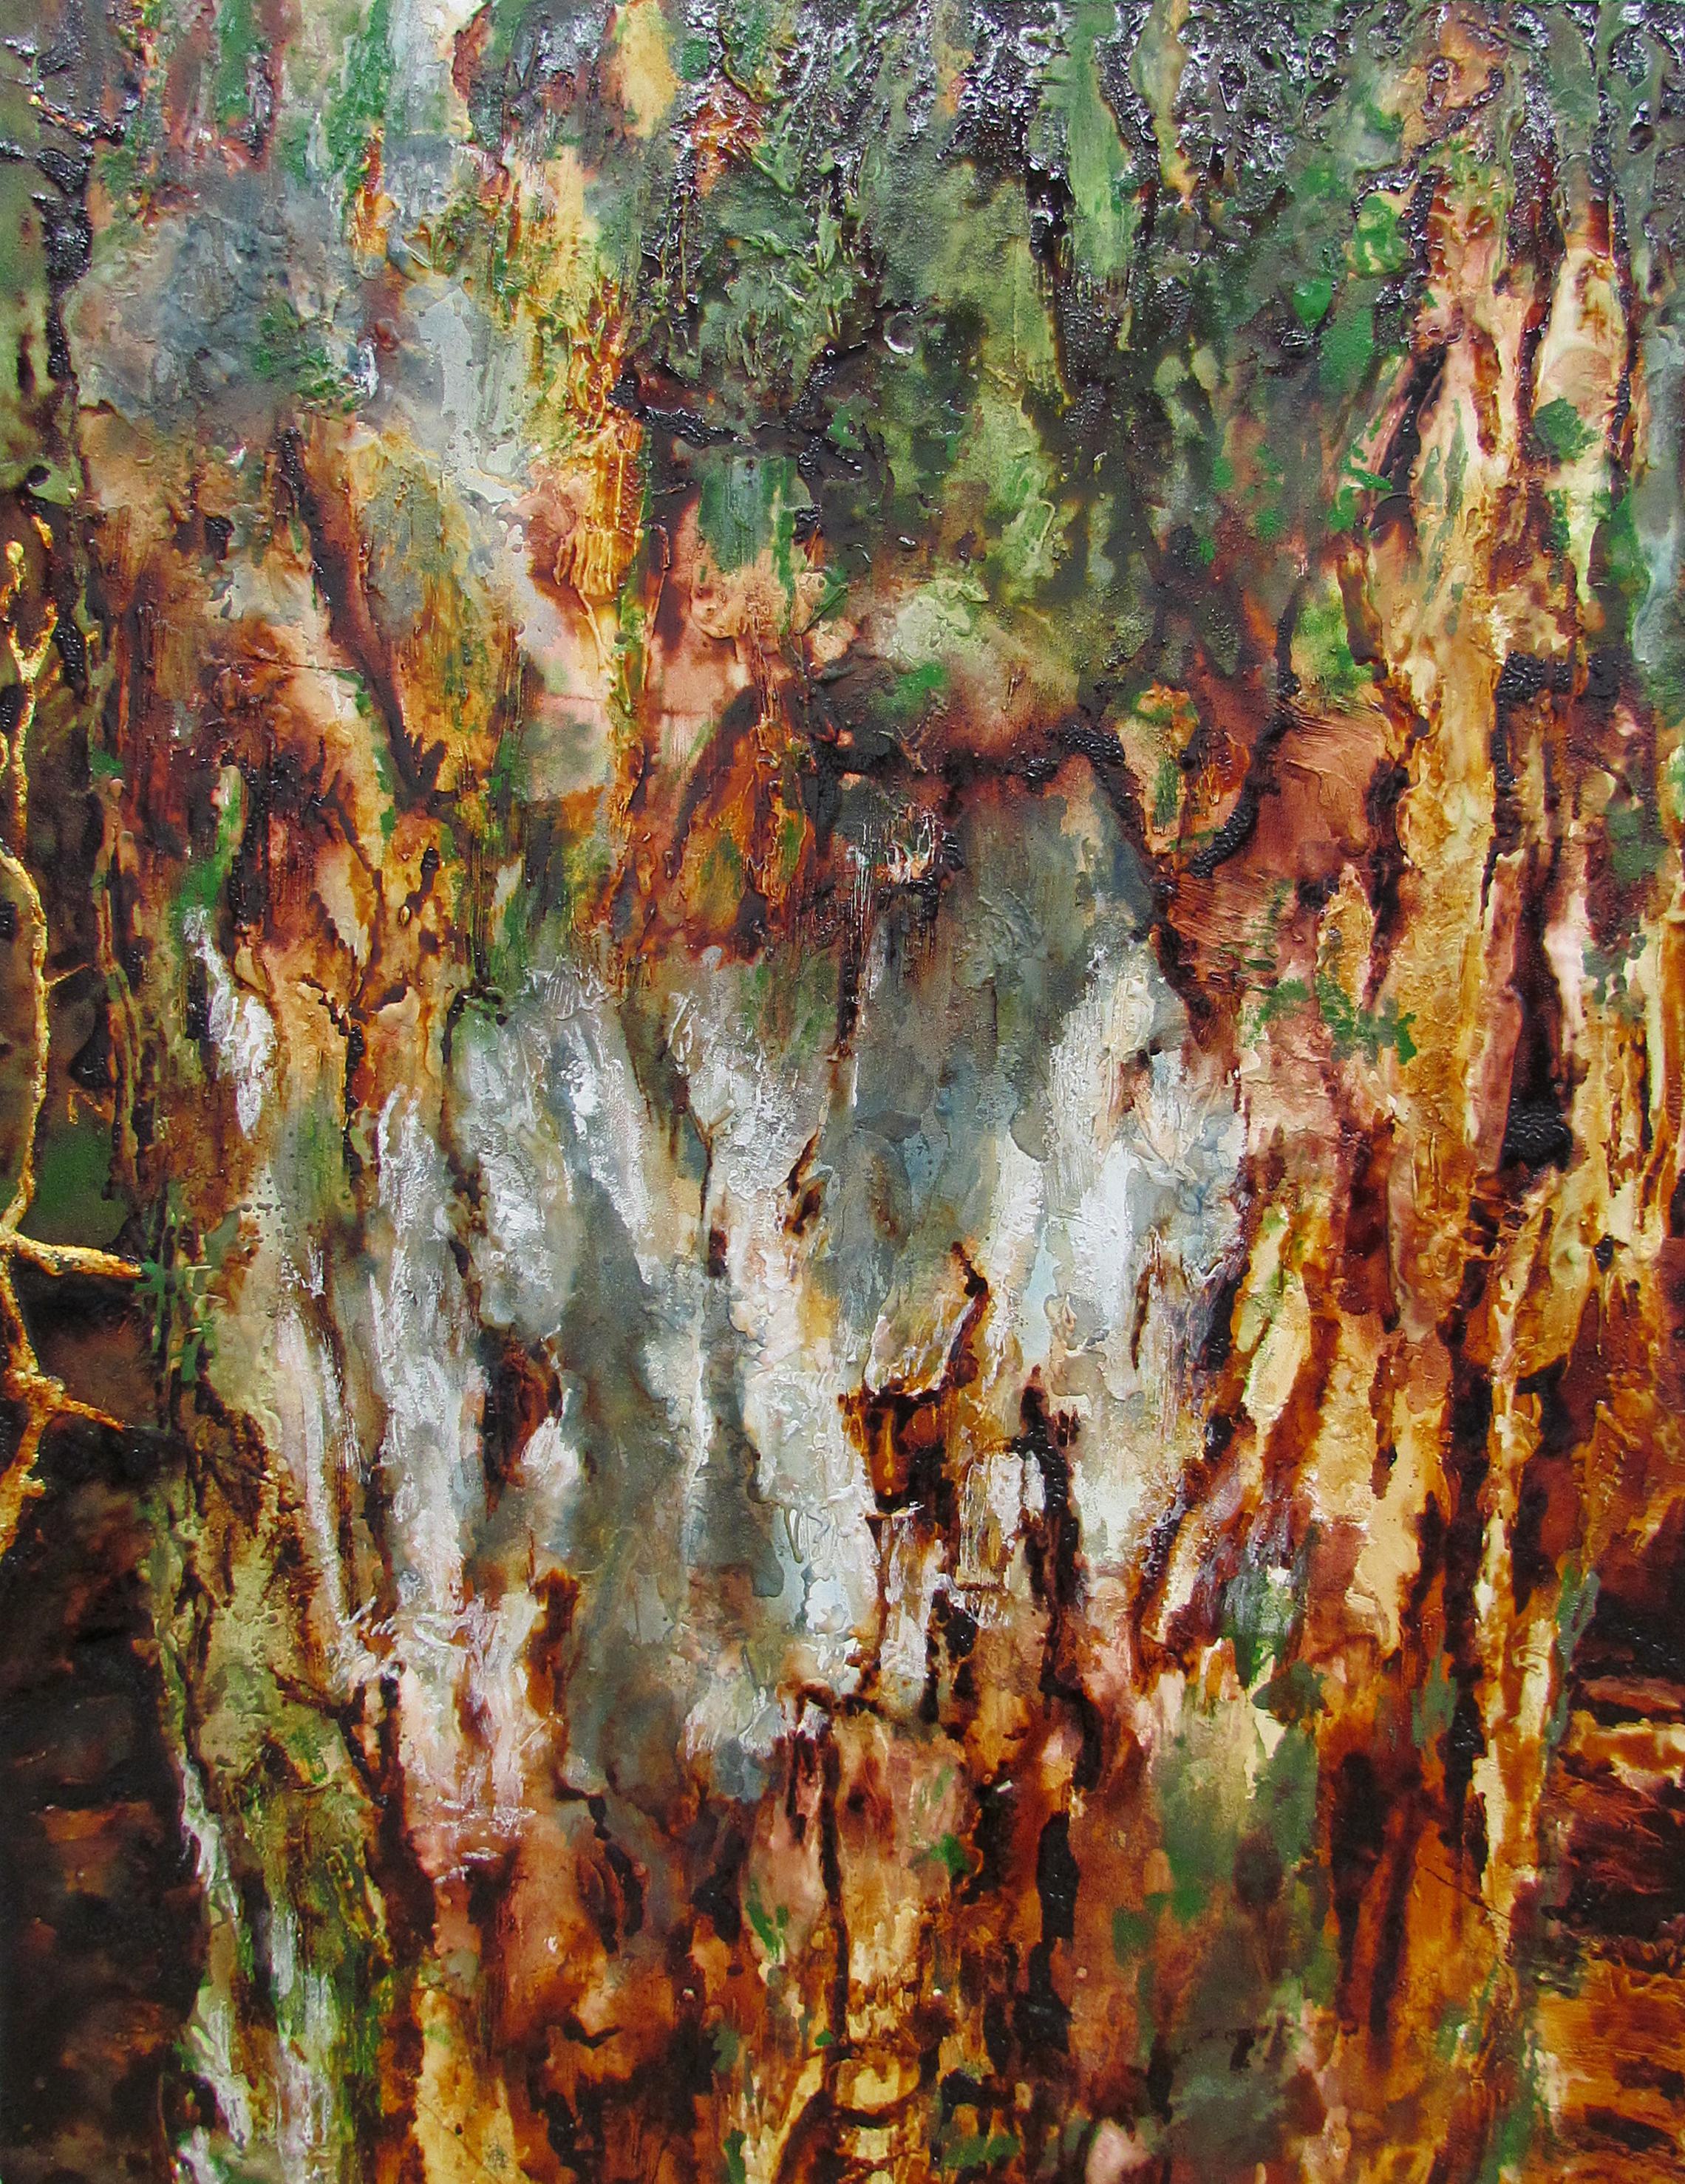 Tree Trunk II - Jyukai / 木の幹II (樹海)  gofun, cashew lacquers, gold leaf on wooden board / 胡粉、カシューニス、金箔